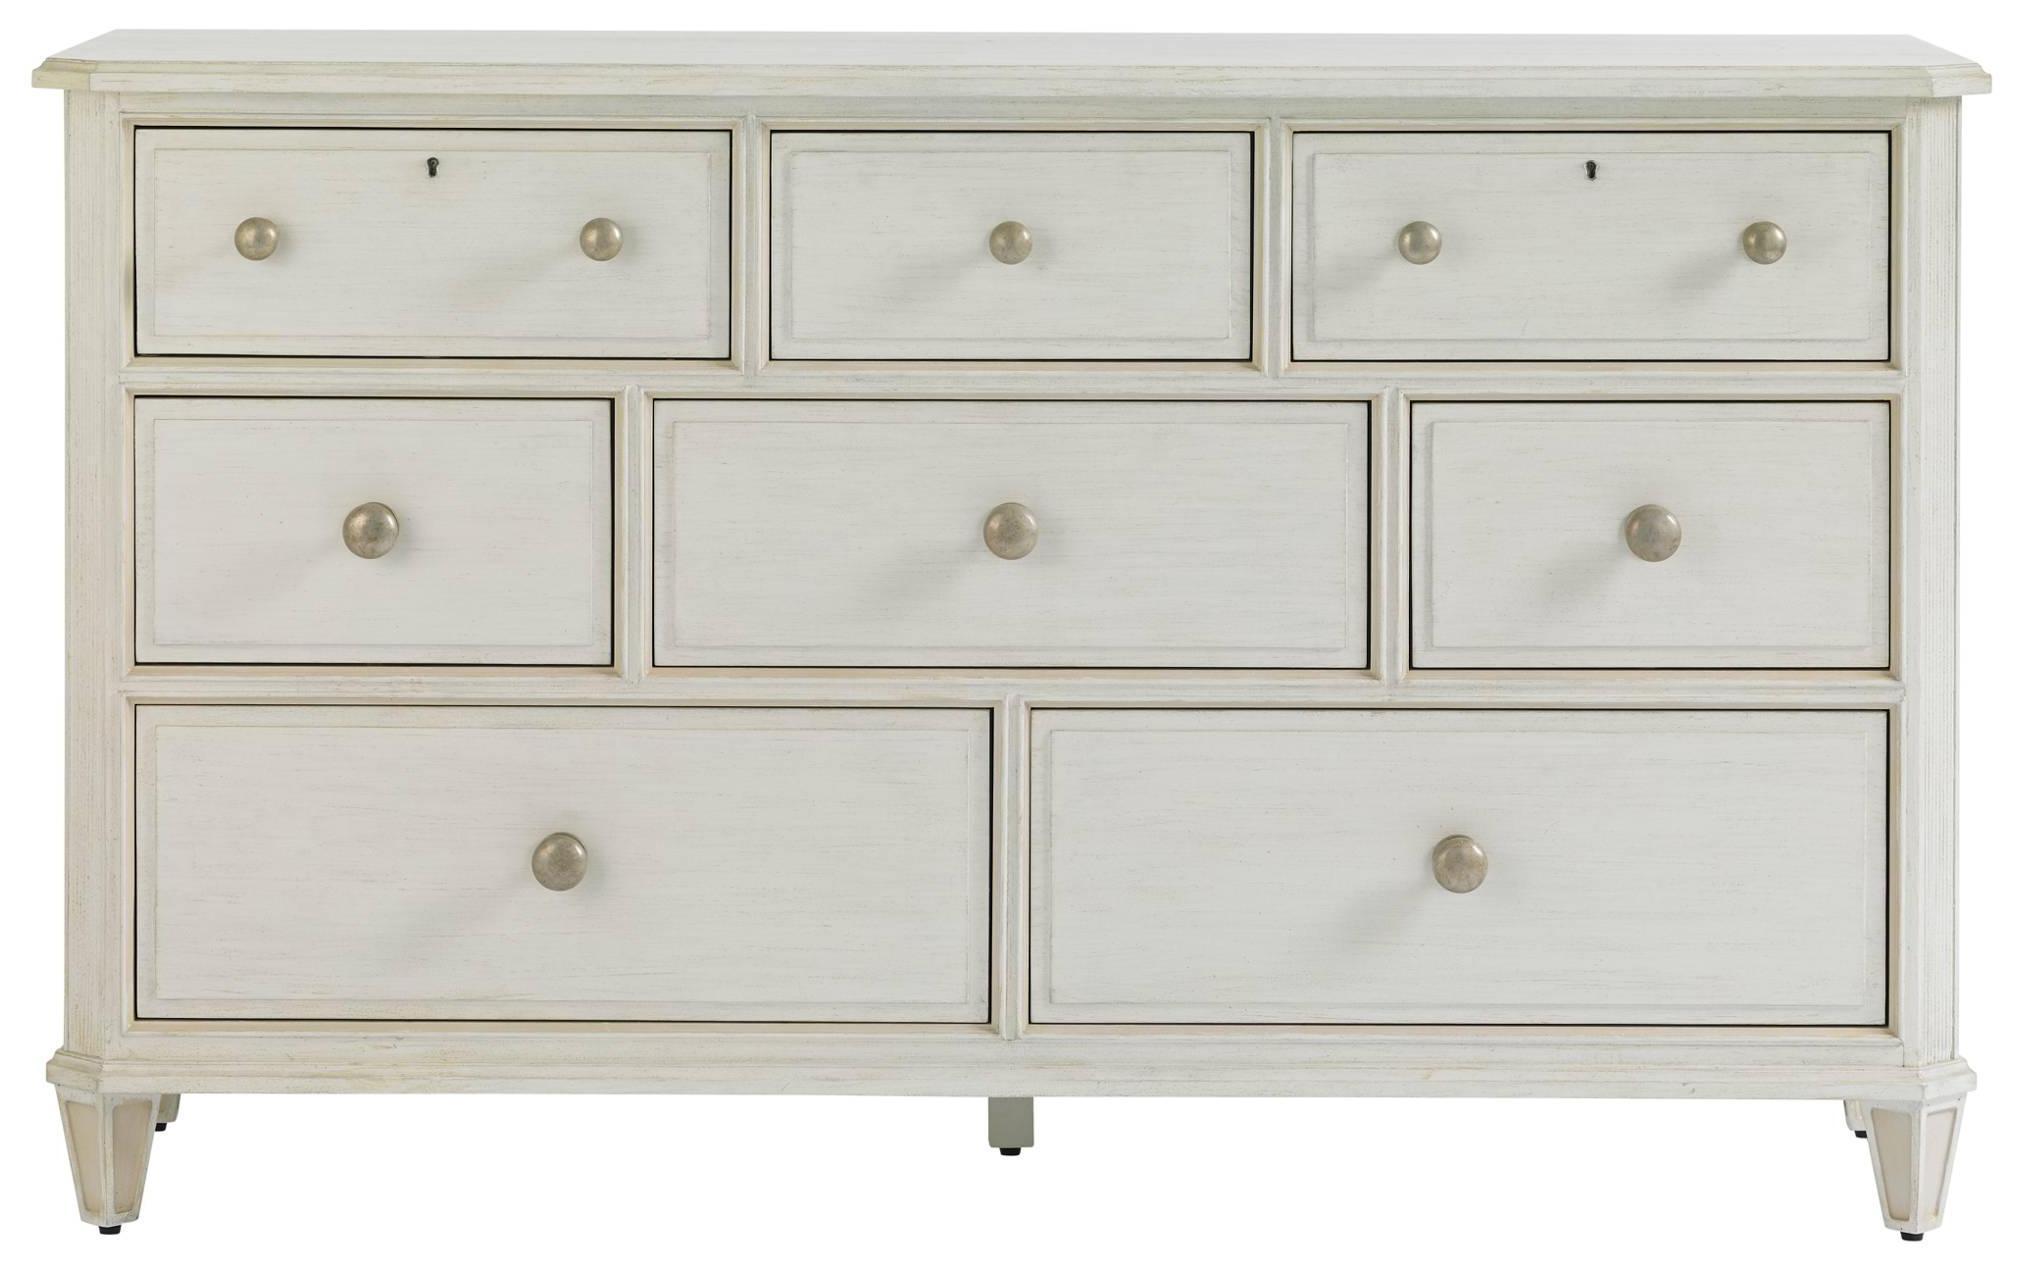 Stanley Furniture Preserve Laurel Dresser - Item Number: 340-23-05